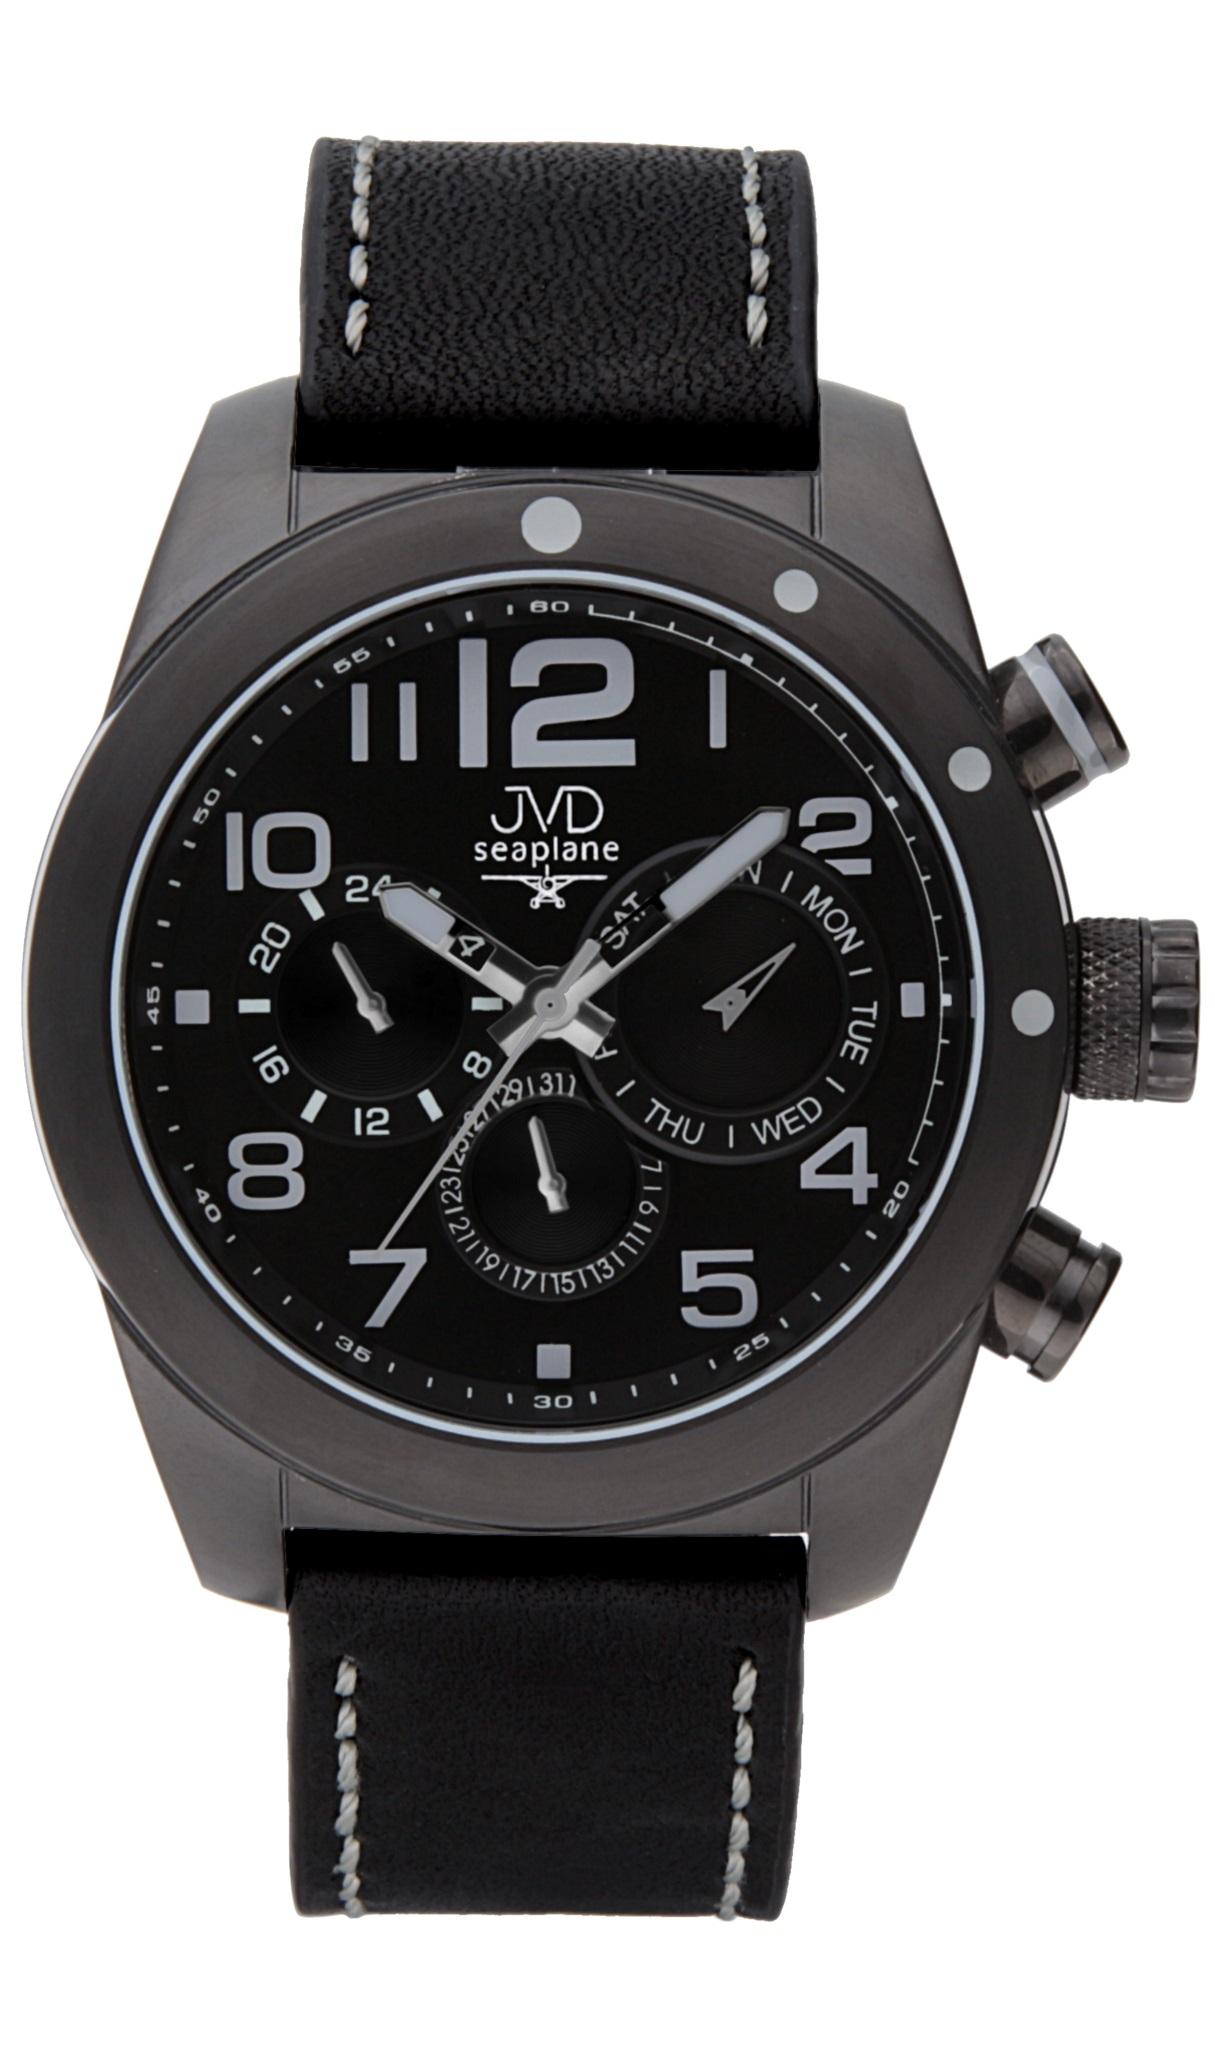 Pánské luxusní ocelové hodinky JVD seaplane W75.2 - chrnografy 10ATM POŠTOVNÉ ZDARMA! (POŠTOVNÉ ZDARMA!!!)